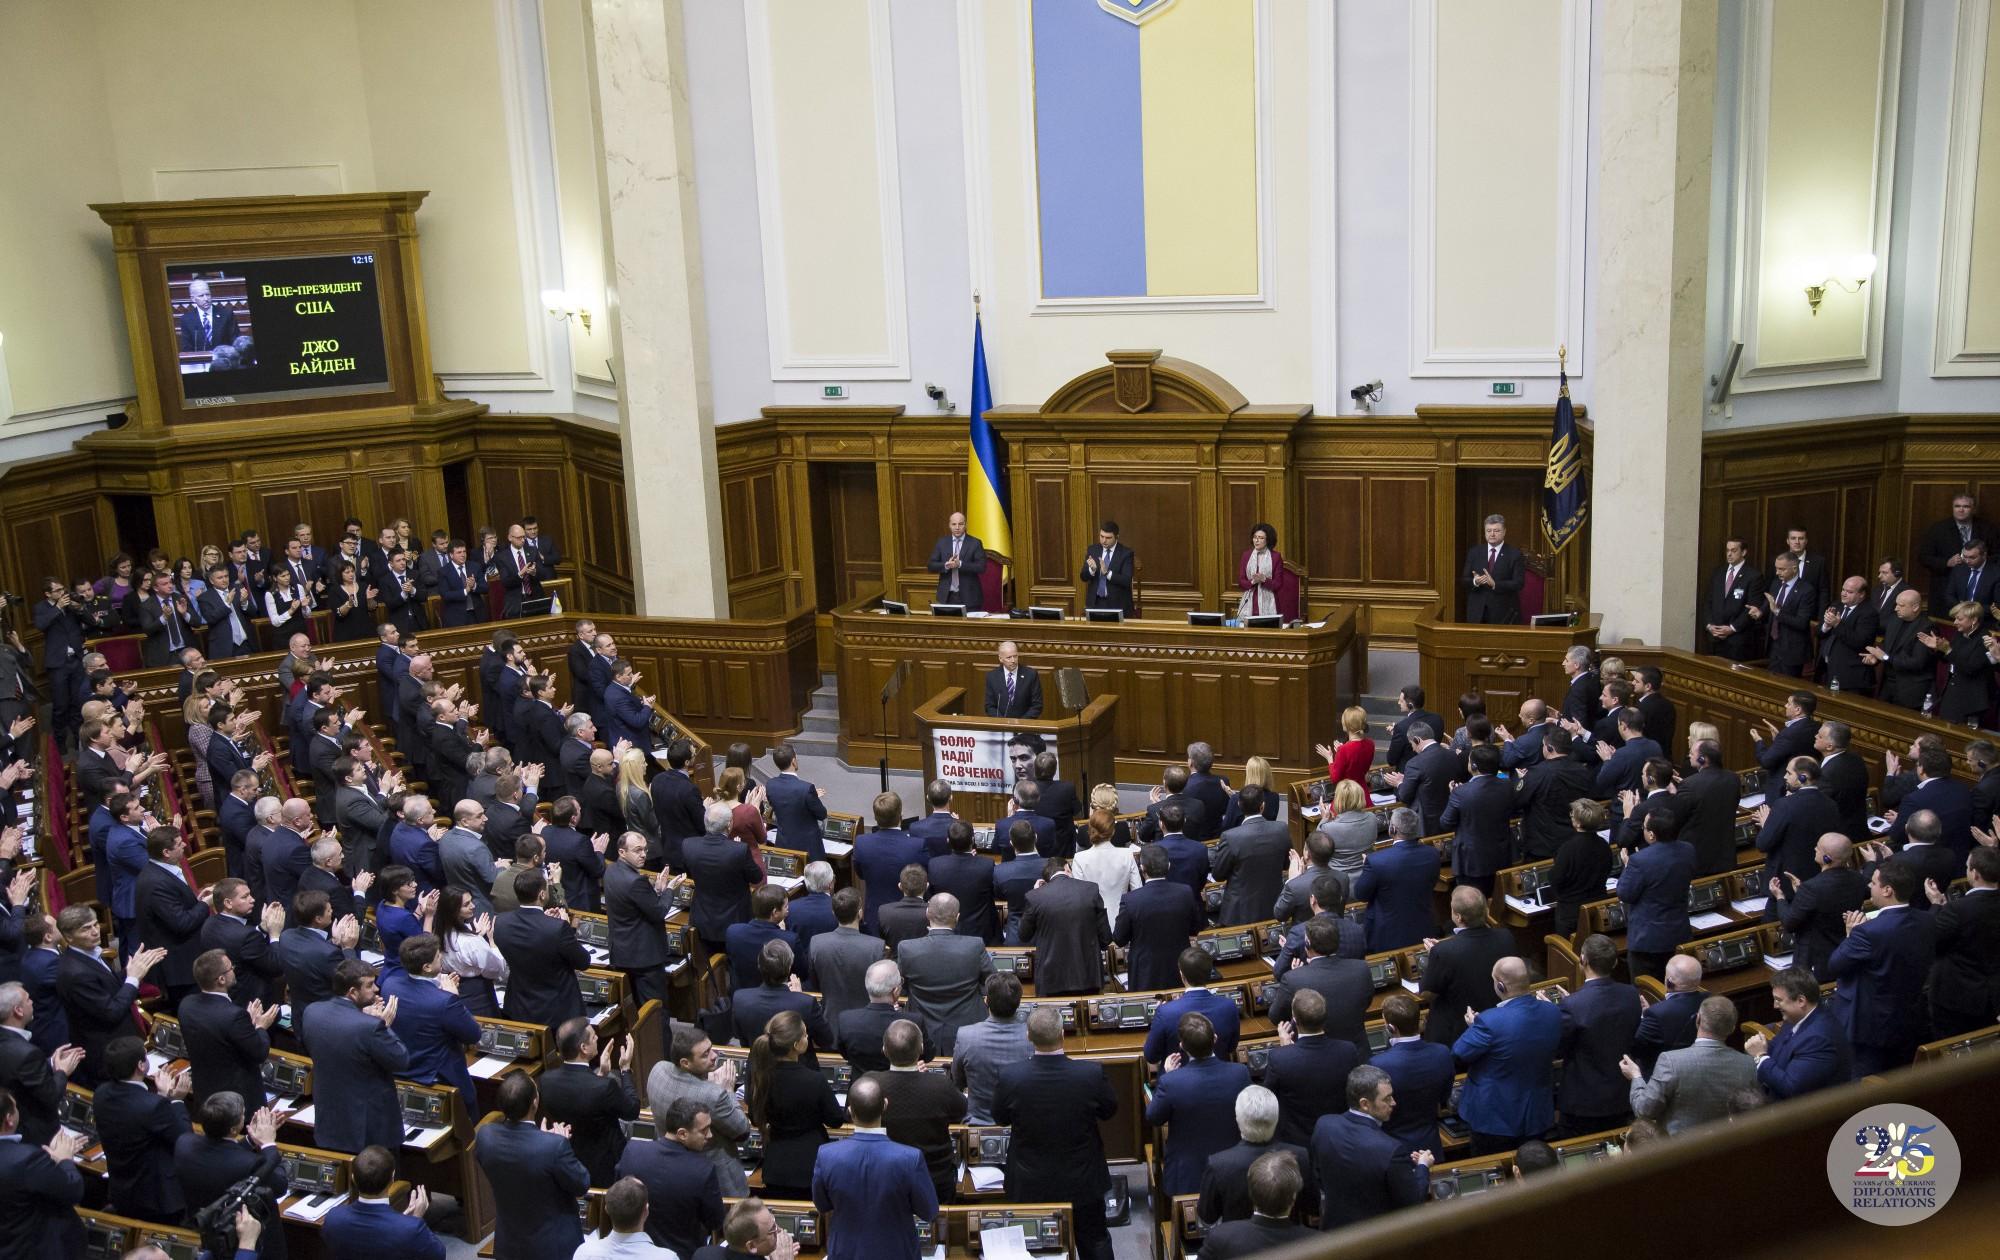 Вице-президент США Джо Байден выступает с речью в ВРУ, Киев, 2015 году.